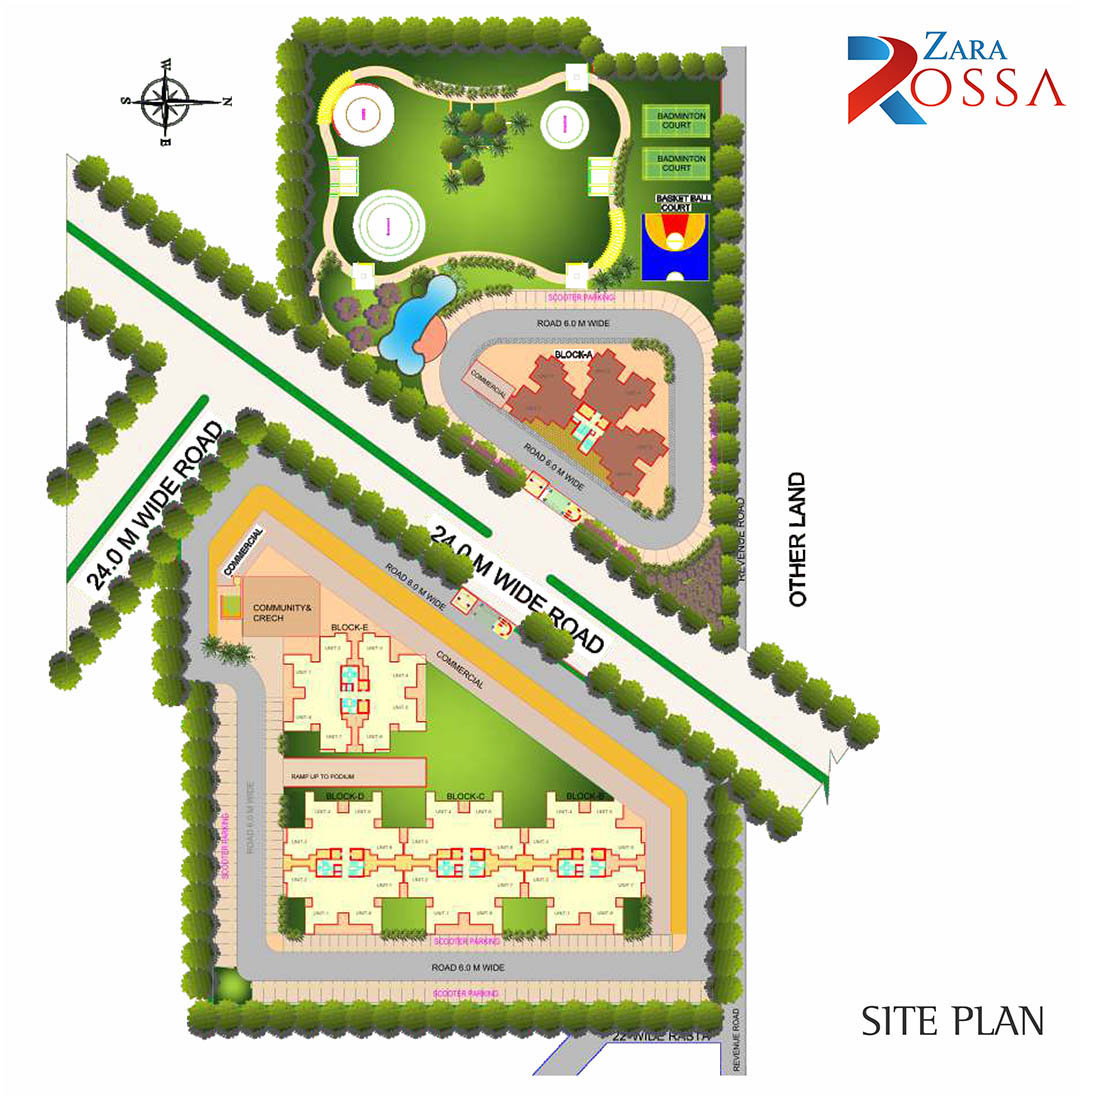 zara-rossa-site-plan